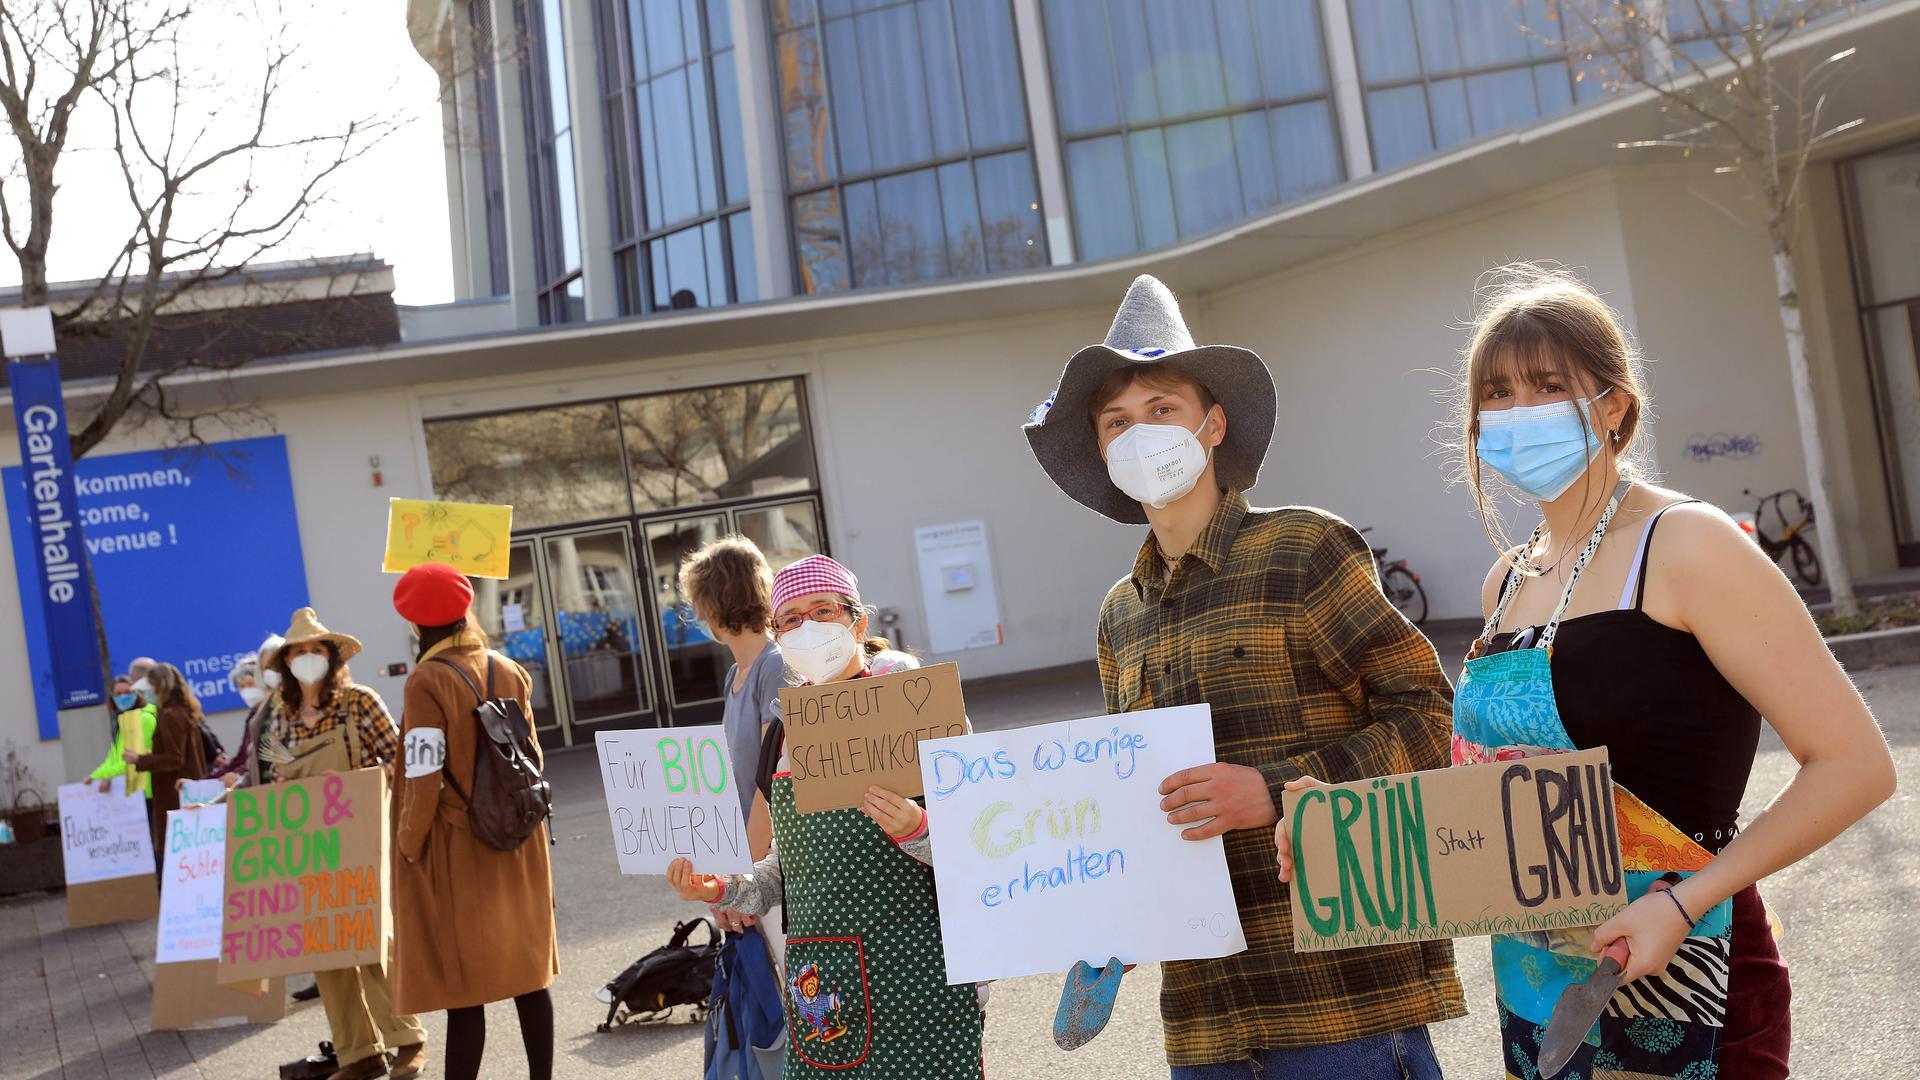 Probiotischer Protest: Rund 20 Unterstützer des Bio-Bauernhofs Schleinkofer demonstrieren gegen Flächenfraß.